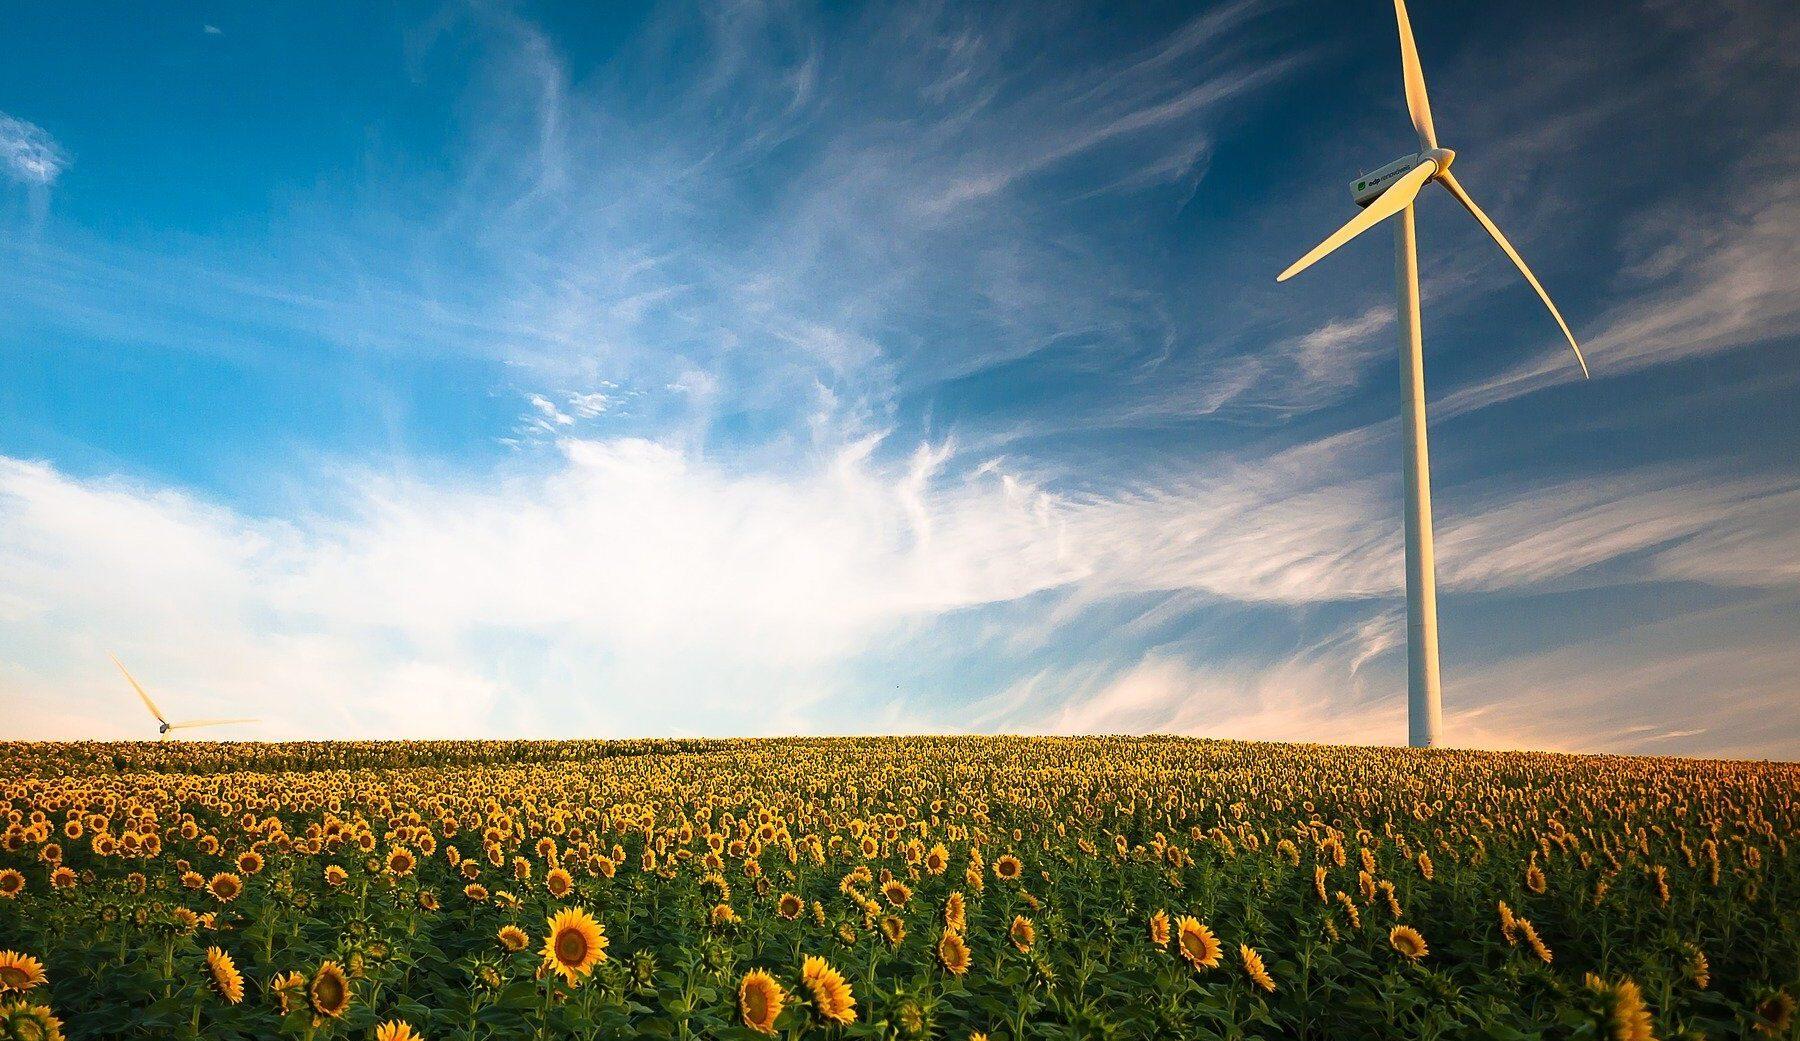 Правительство готовится запустить в 2022 году национальную систему зеленых сертификатов